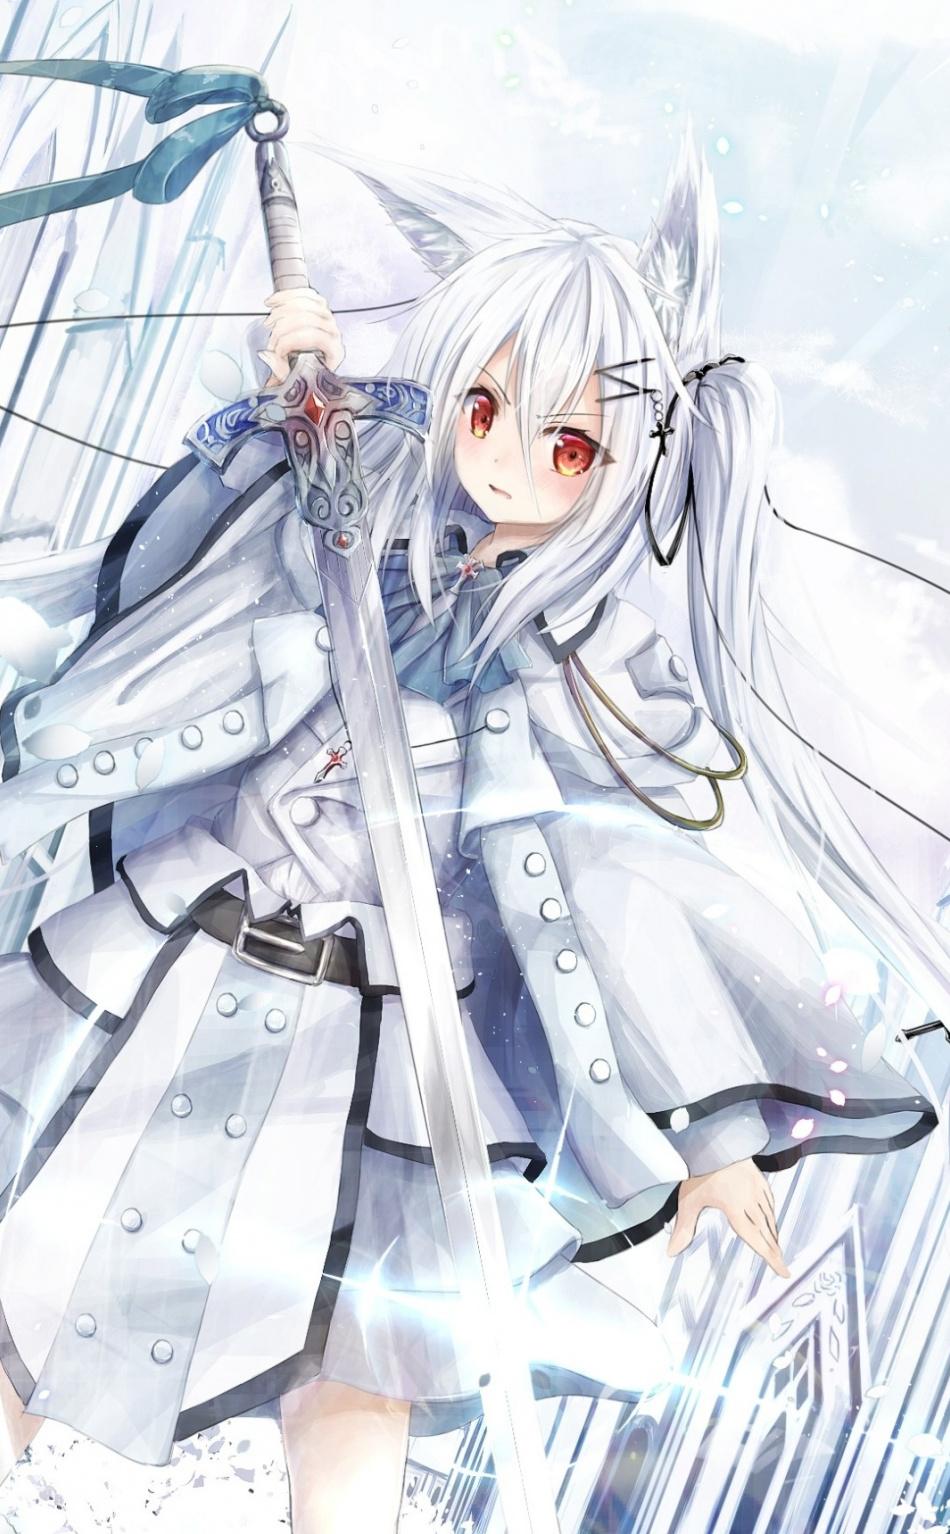 Warrior, Anime Girl, White Hair, Wallpaper - White Hair Anime Girl Fantasy - HD Wallpaper